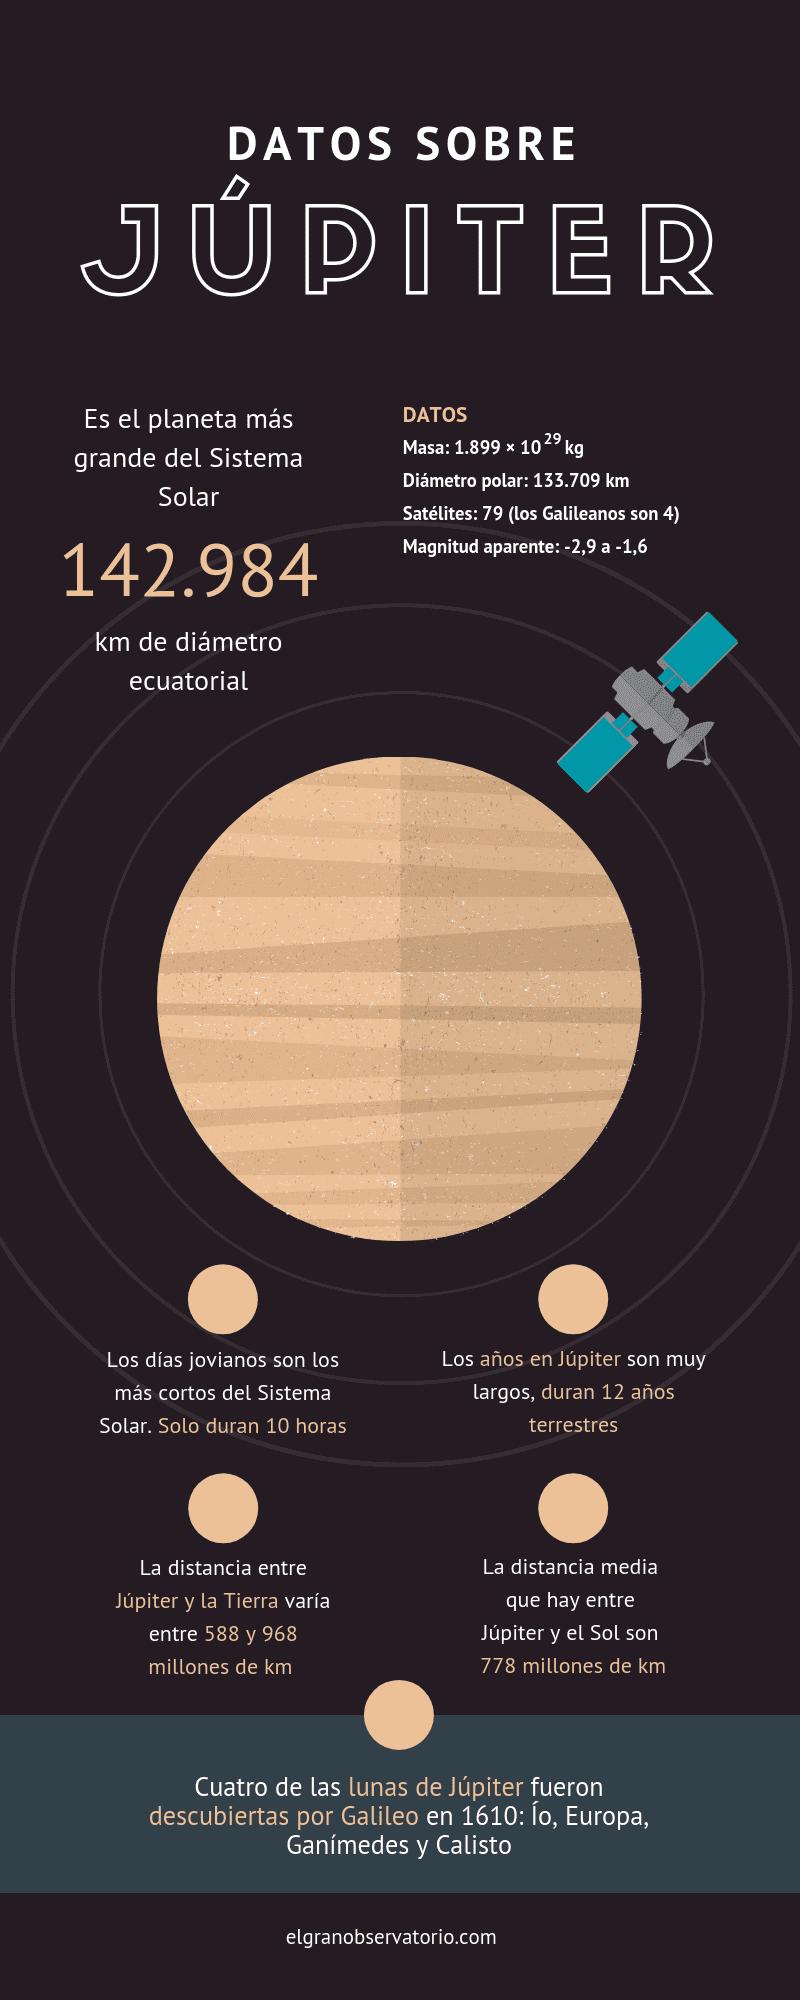 Júpiter es el planeta más grande del Sistema Solar. Descubre alguna curiosidades sobre él.